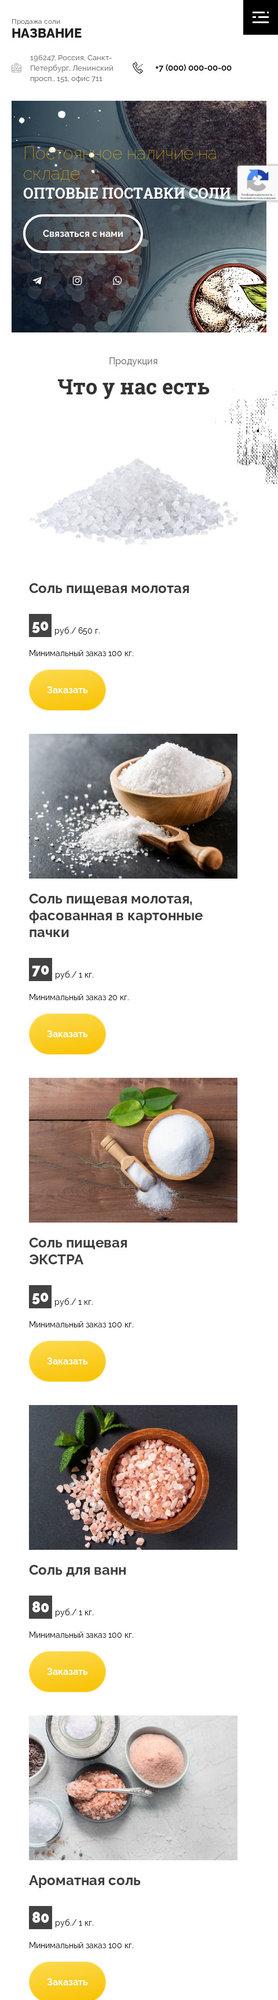 Готовый Сайт-Бизнес #3013120 - Соль, продажа соли (Мобильная версия)